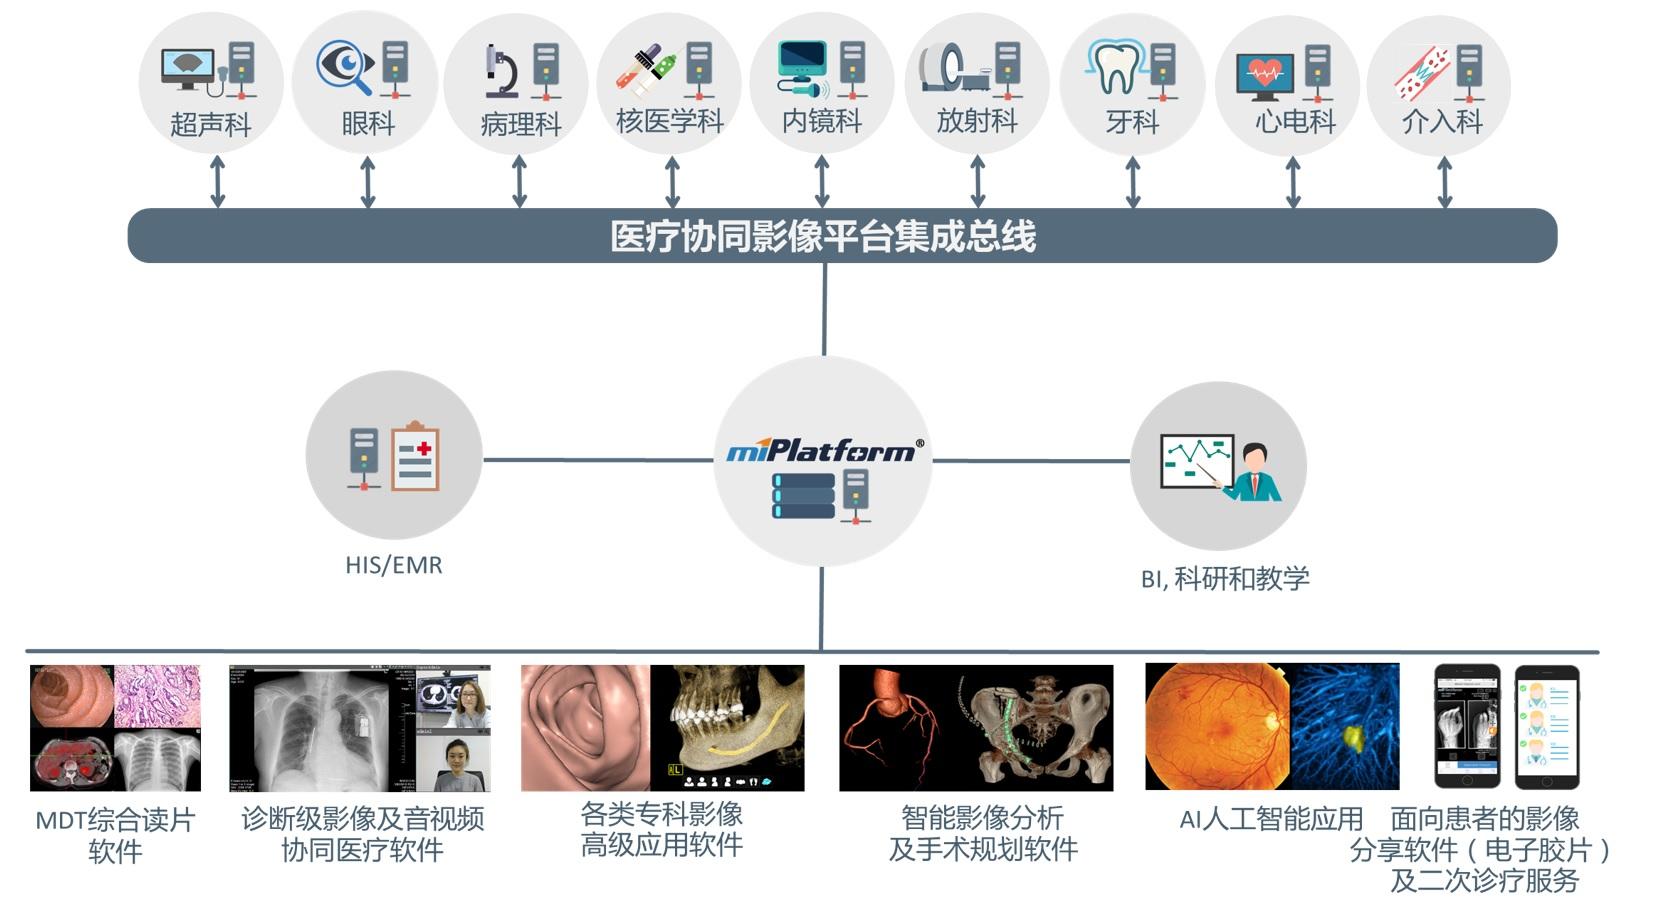 一体化医学影像平台